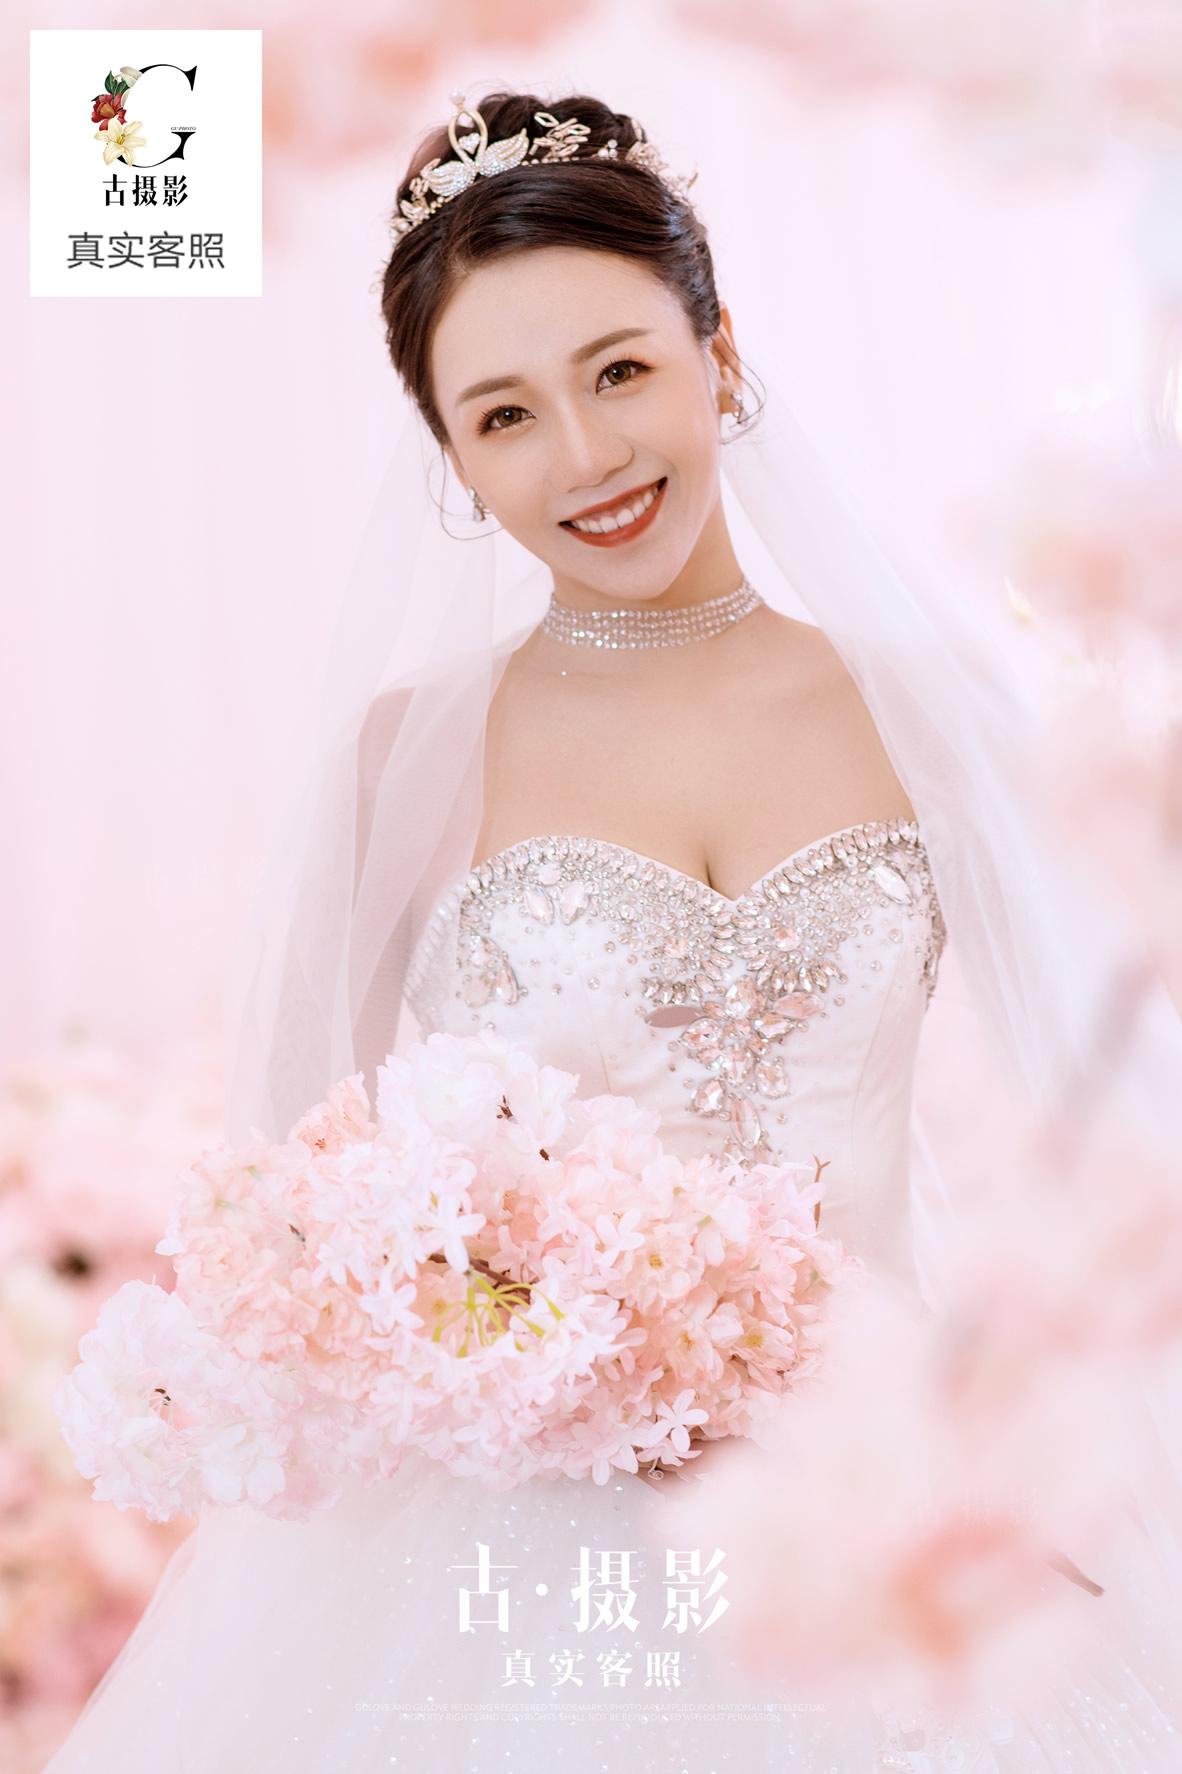 10月19日客片李先生 谭小姐 - 每日客照 - 广州婚纱摄影-广州古摄影官网